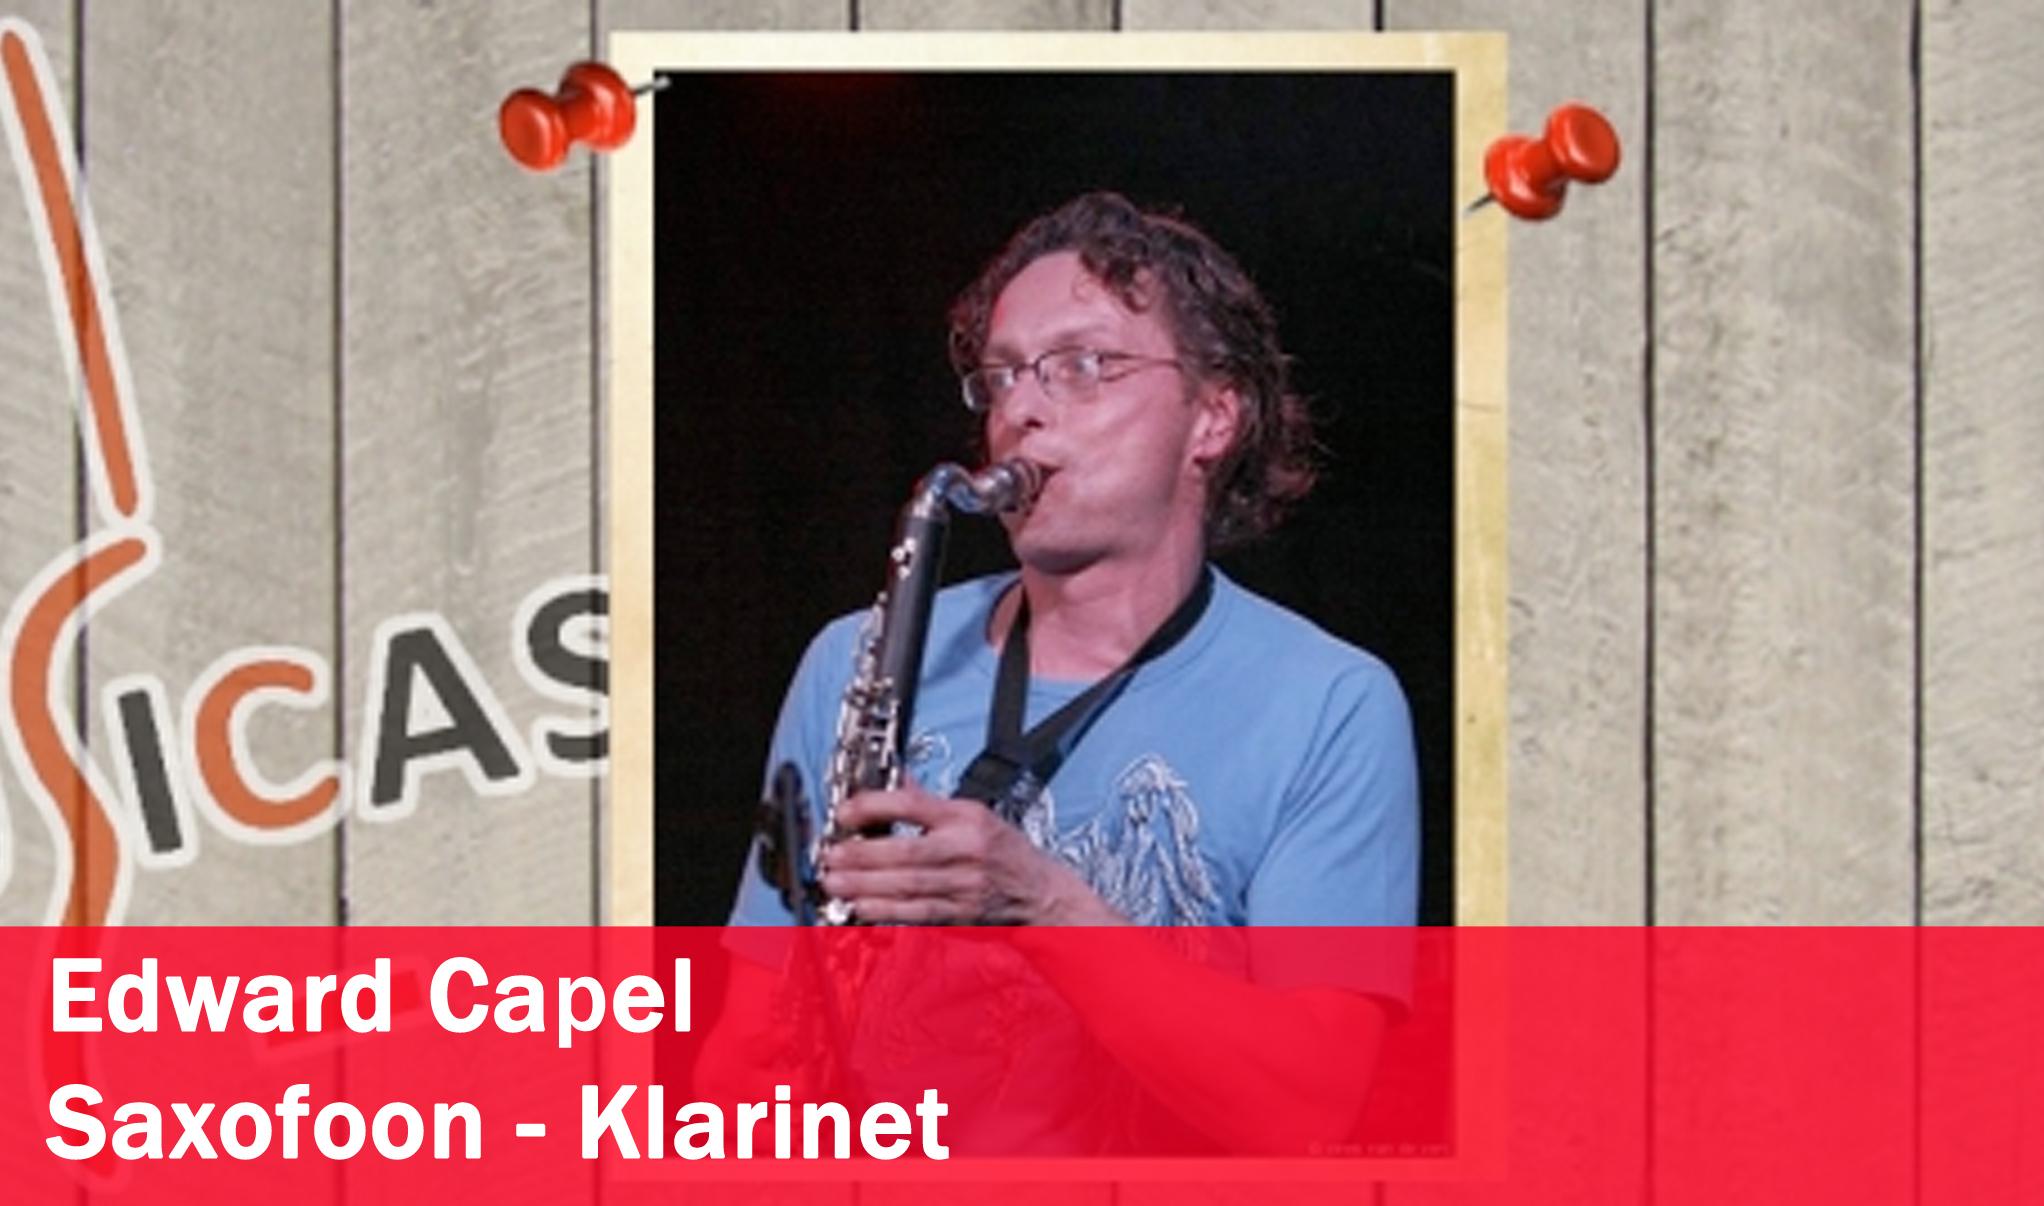 Edward Capel <br>Saxofoon - Klarinet